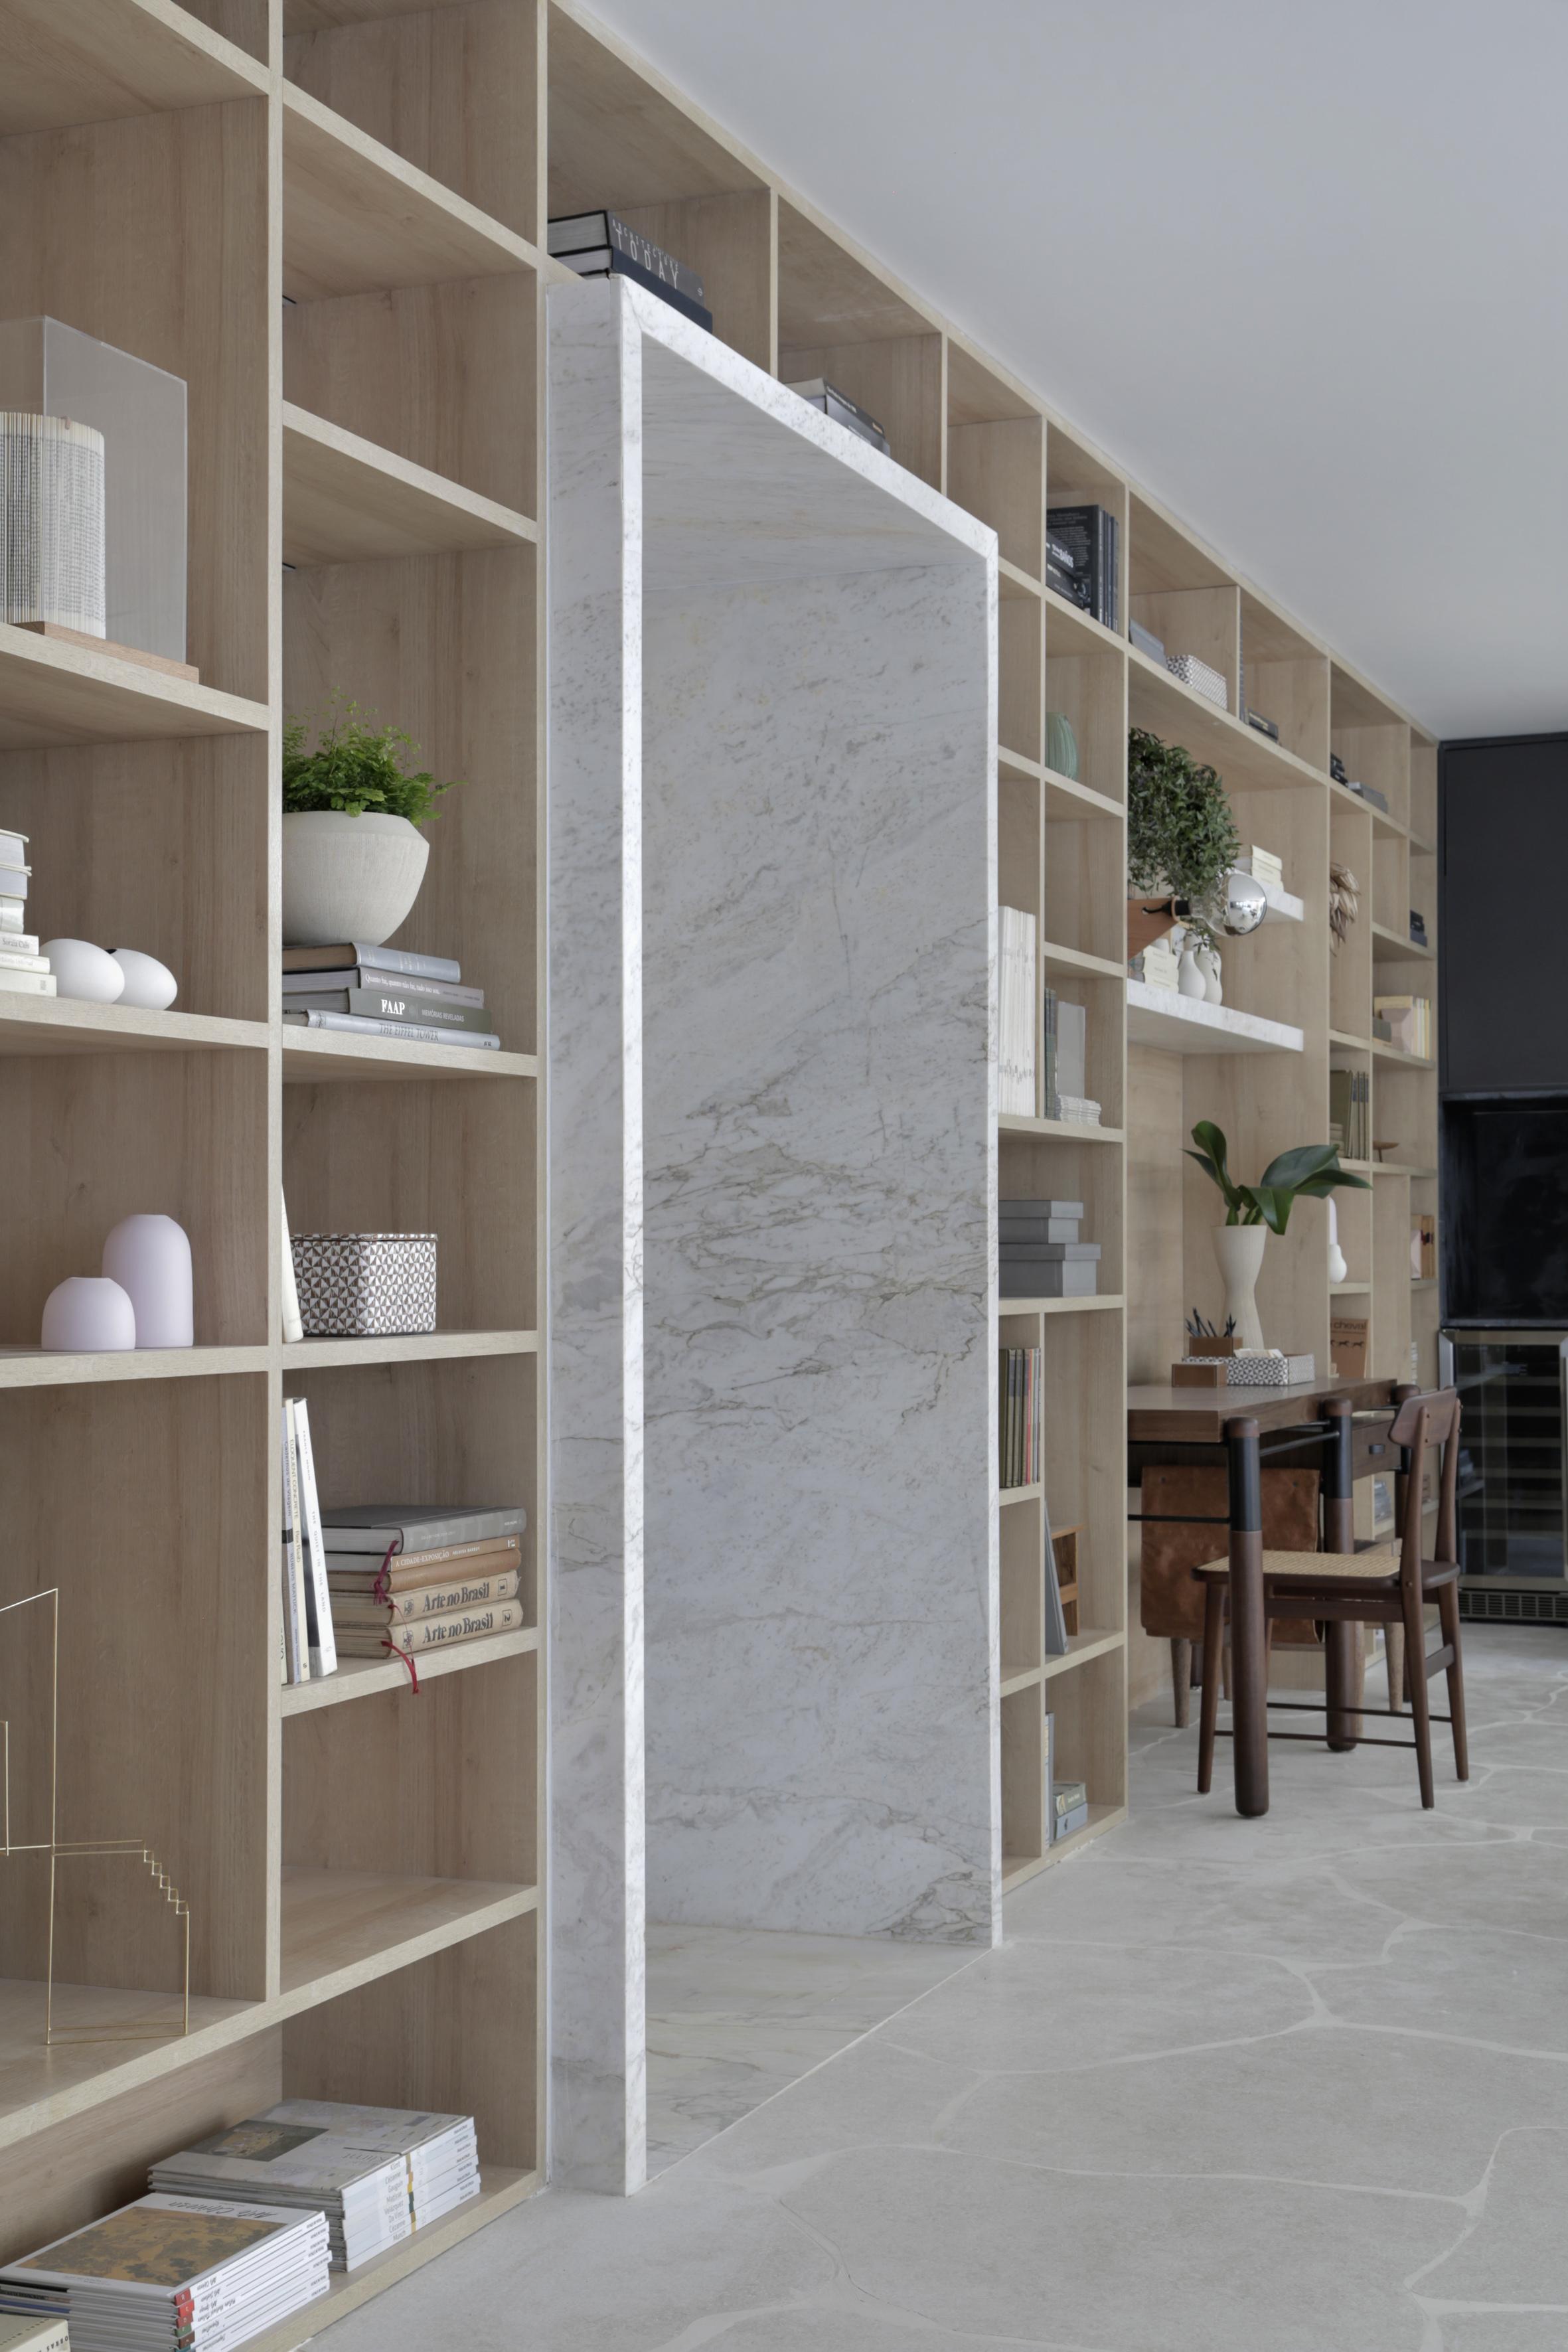 Casa Conecta: Ticiane Lima, CASACOR SP 2019.  Uma enorme estante nichada que cobre a parede inteira, e exibe a tonalidade natural da madeira clara, piso em formato de rocha, entrada com revestimento de mármore e lareira.